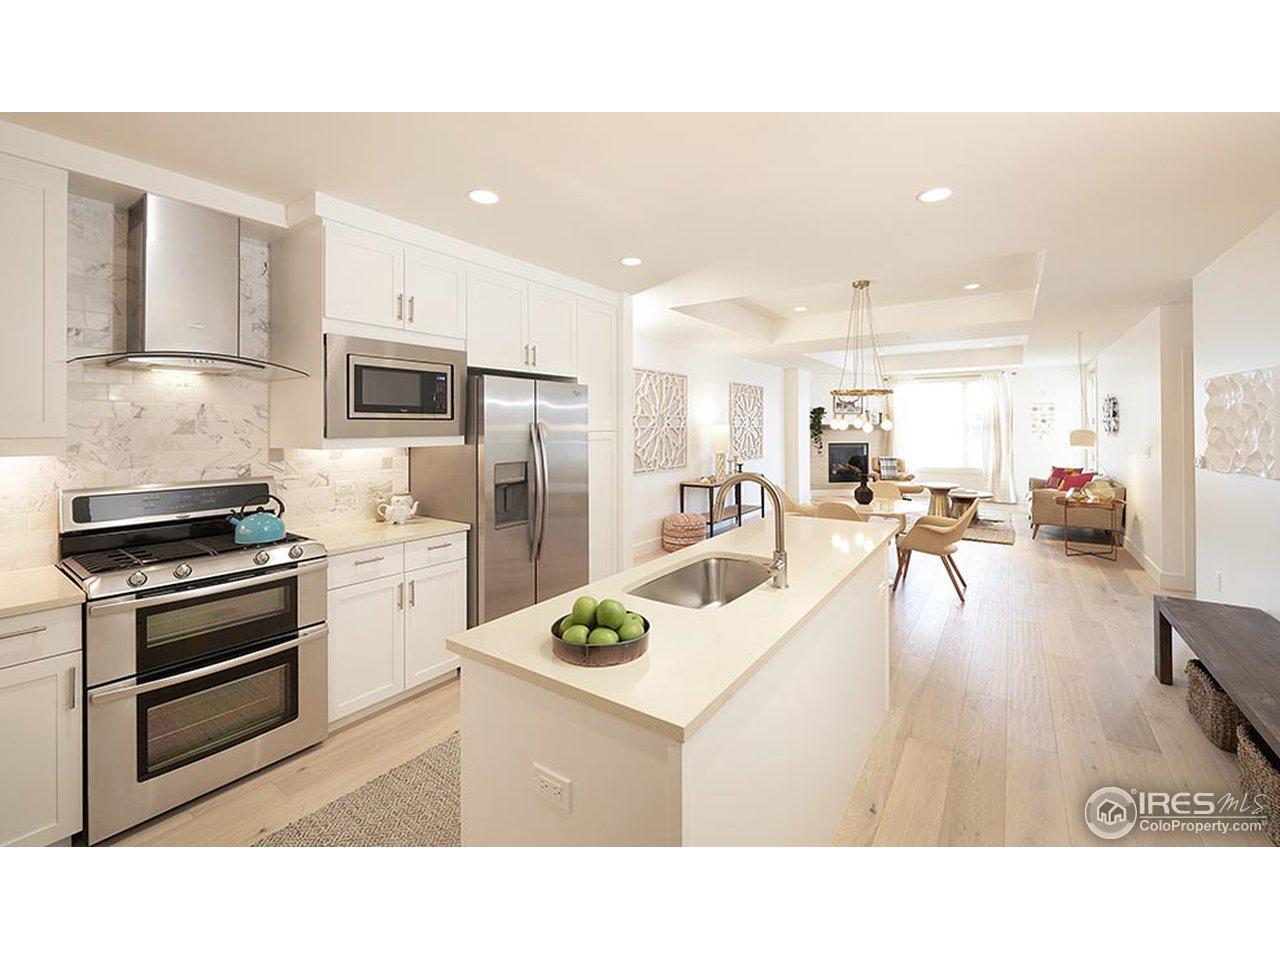 Homes for Sale in Central Boulder, Colorado - Bernardi Real Estate Group